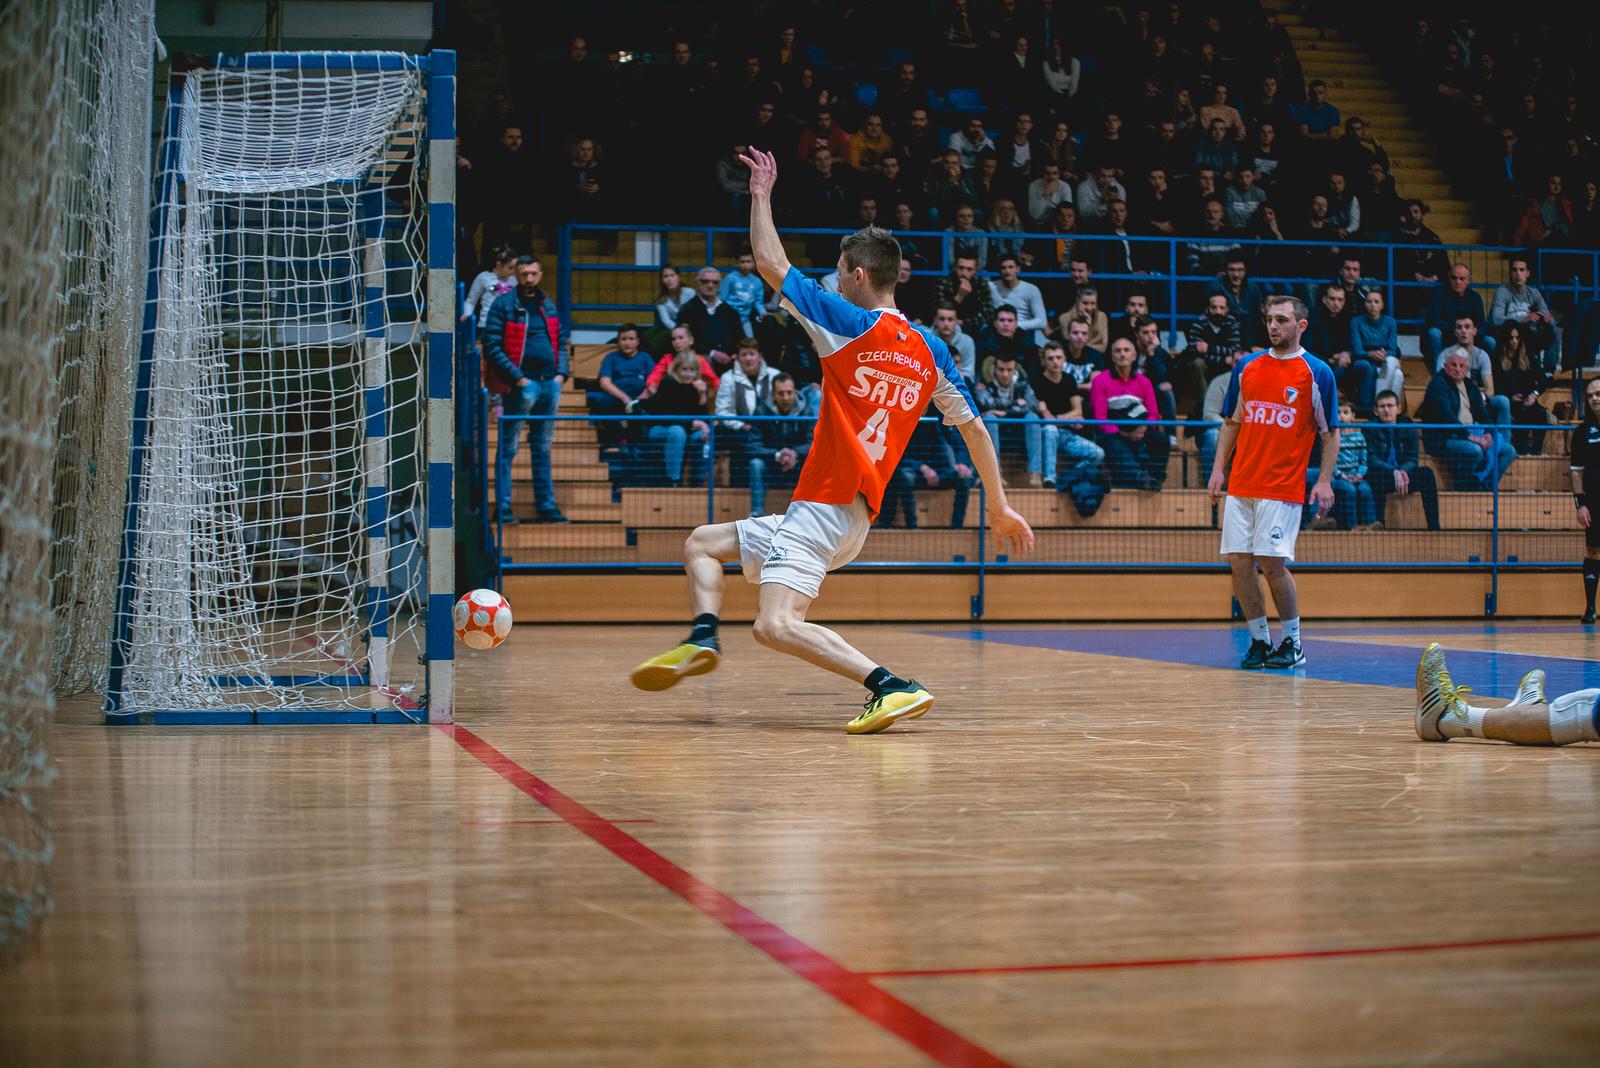 likaclub_gospić_zimski-malonogometni-turnir-2018-19-69